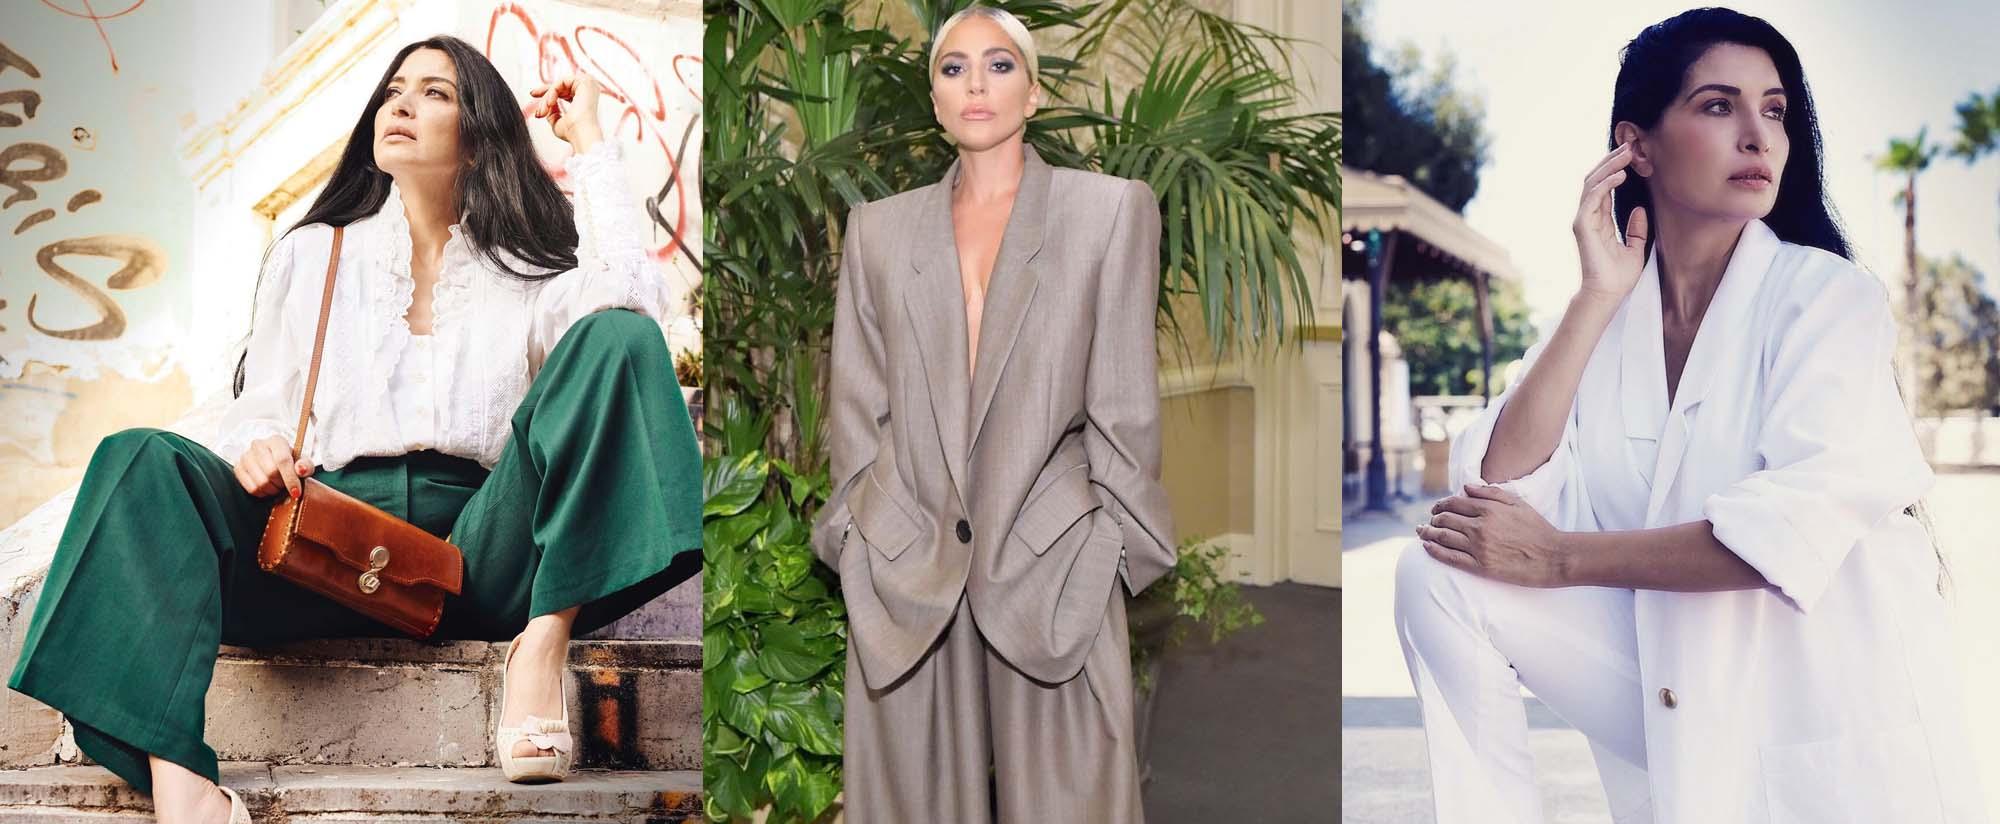 לידי גאגא בחגיגת הנשים השנתית של ELLE. צילום: פינטרסט, אופנה, Fashion Israel